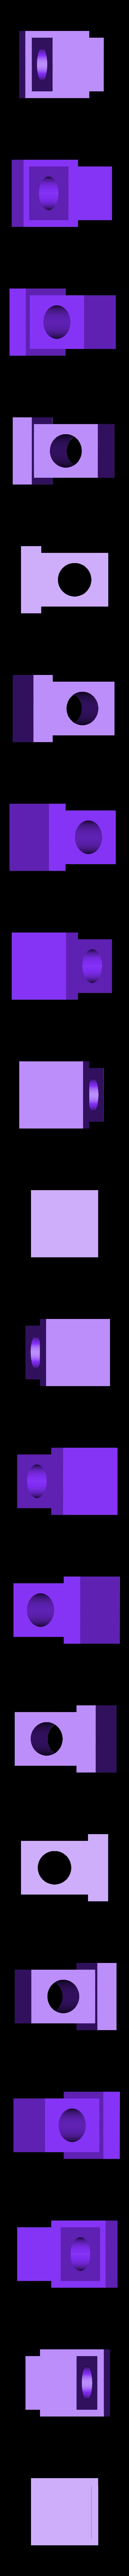 Pipe_plug_B.STL Télécharger fichier STL gratuit Imprimante à pochoir • Objet pour imprimante 3D, perinski